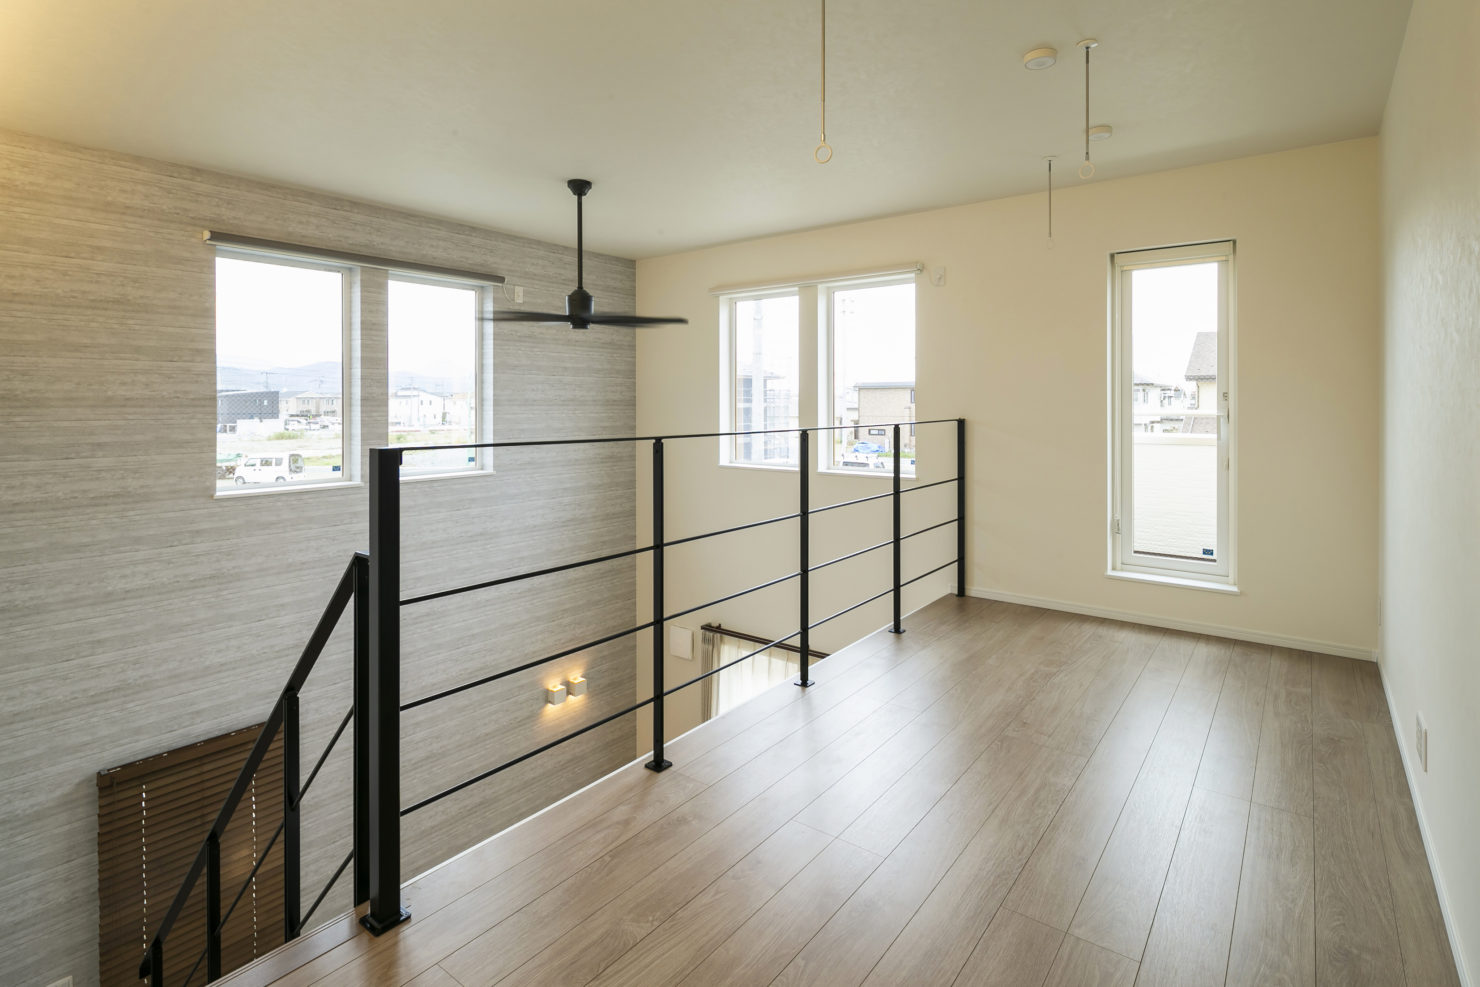 ハウスM21「片付けの習慣化でゆとりのある暮らし」階段ホール写真